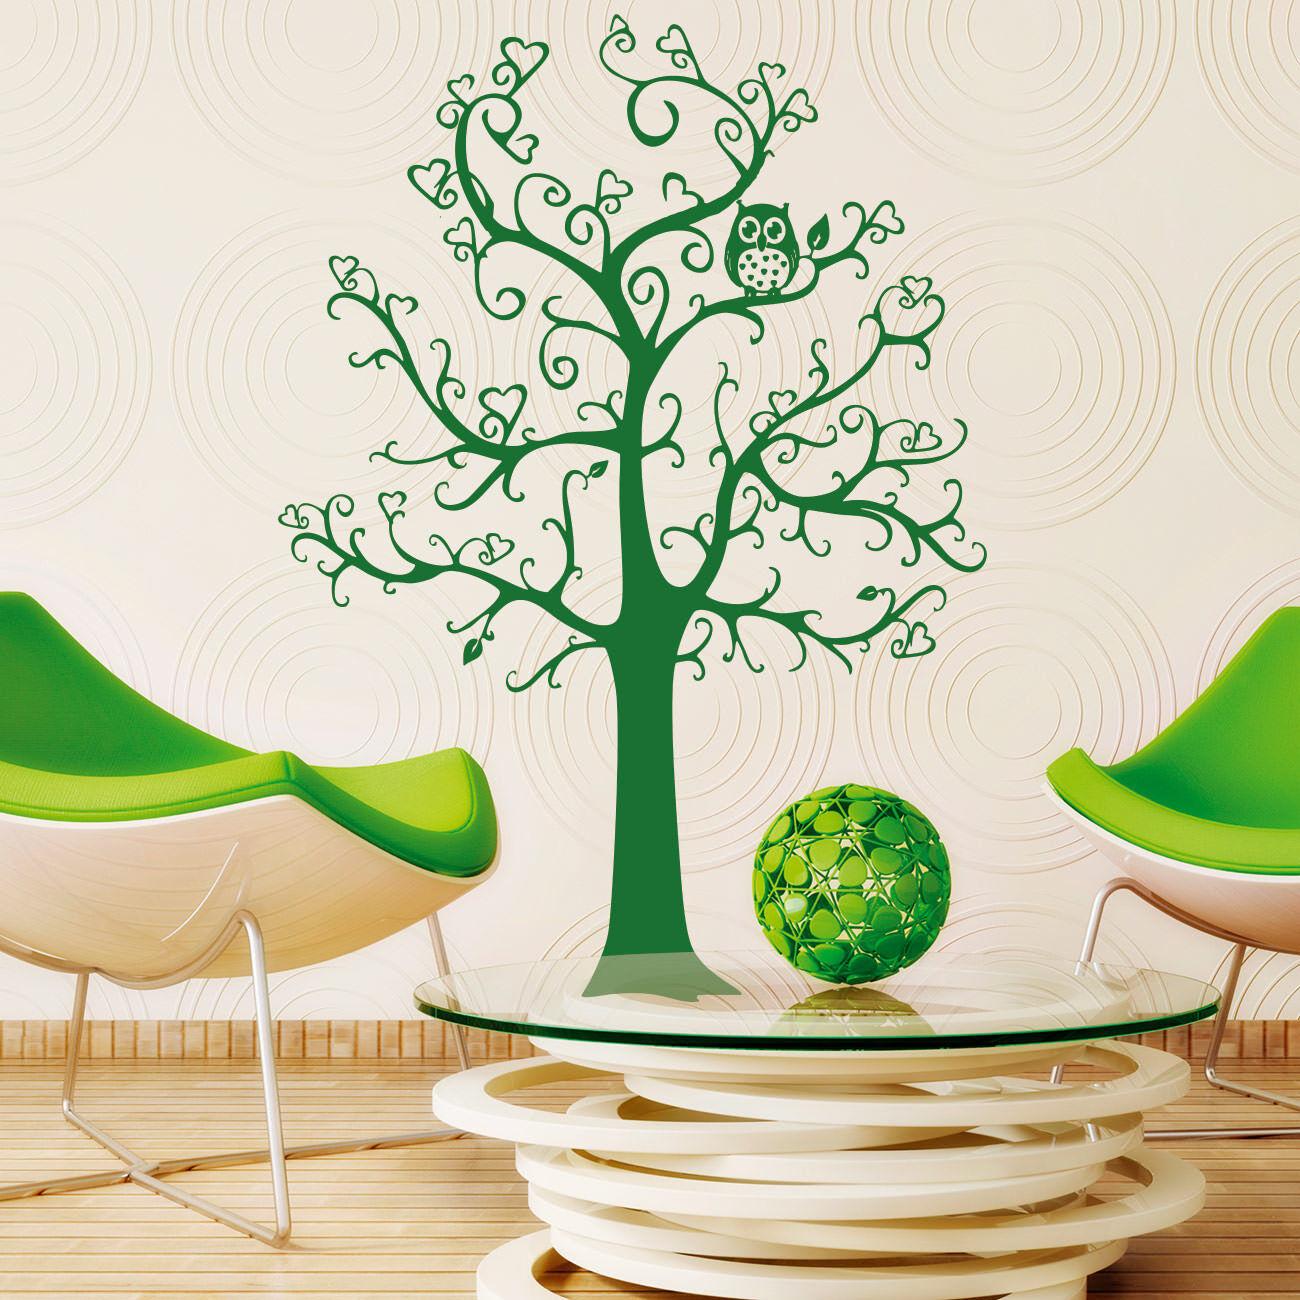 Wandtattoo Wandaufkleber - Baum mit Herzen und einer Eule Kinderzimmer +362+